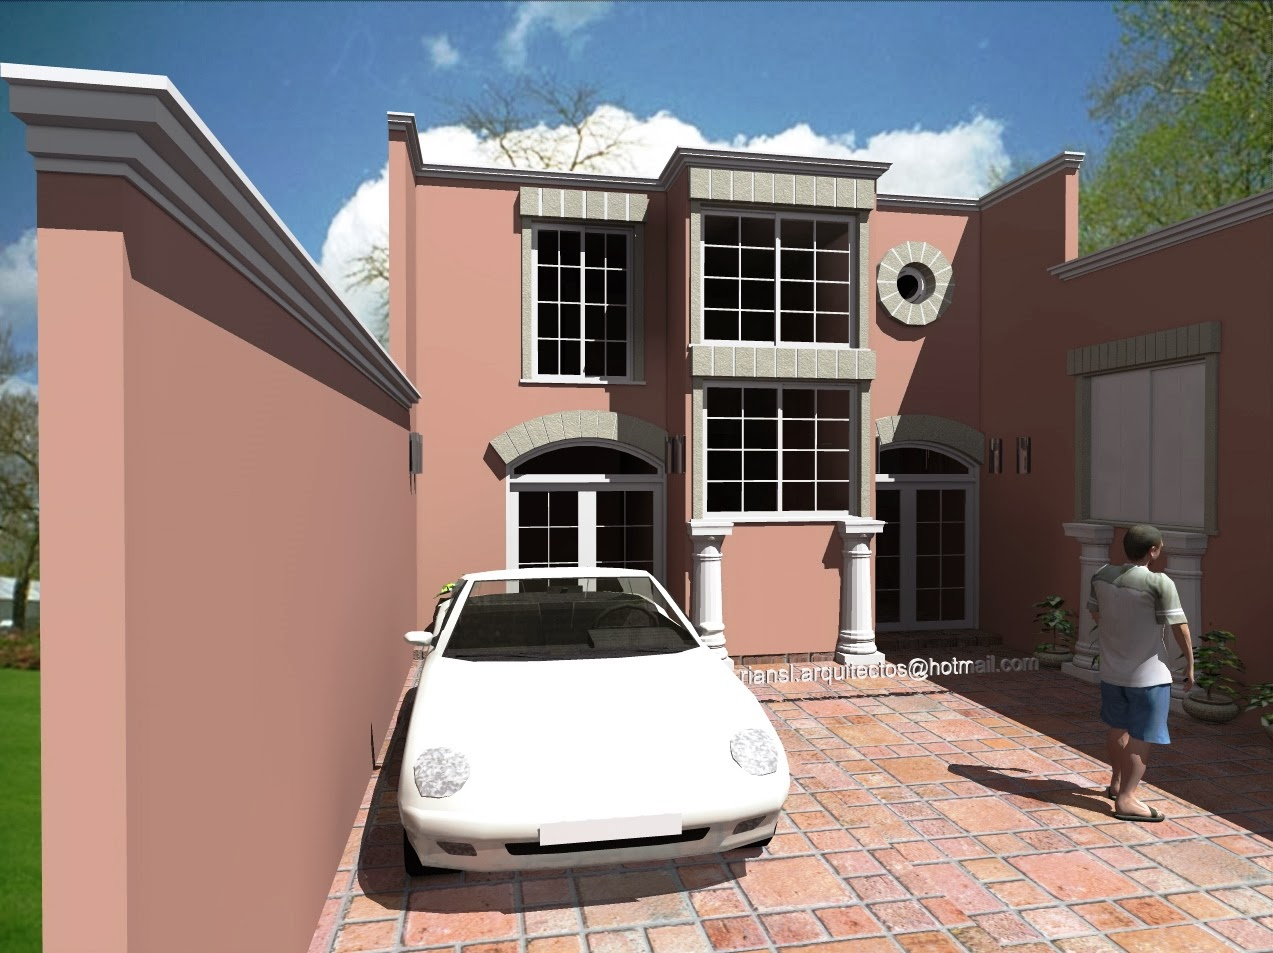 Proyectos virtuales dise o de casa habitaci n en 3d arq for Diseno de interiores 3d 7 0